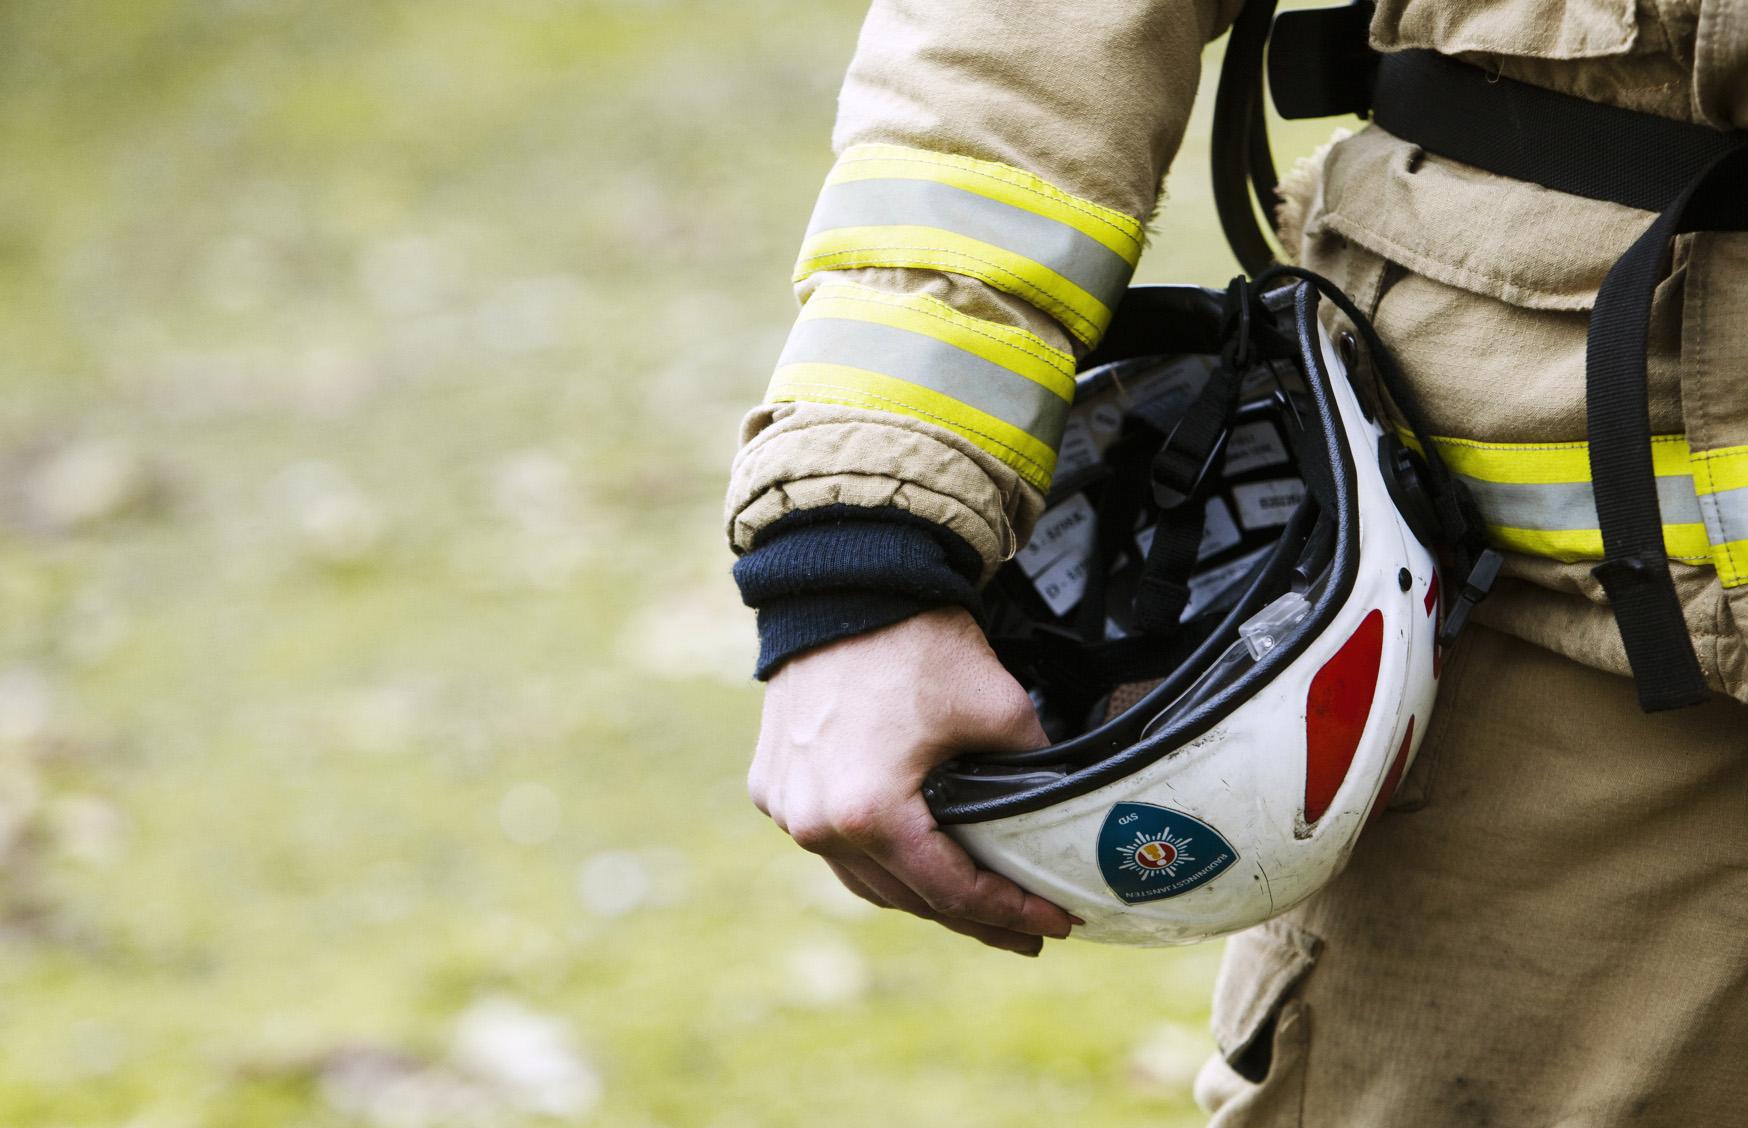 Deltidsbrandmännen är en viktig pusselbit i samhällets beredskap